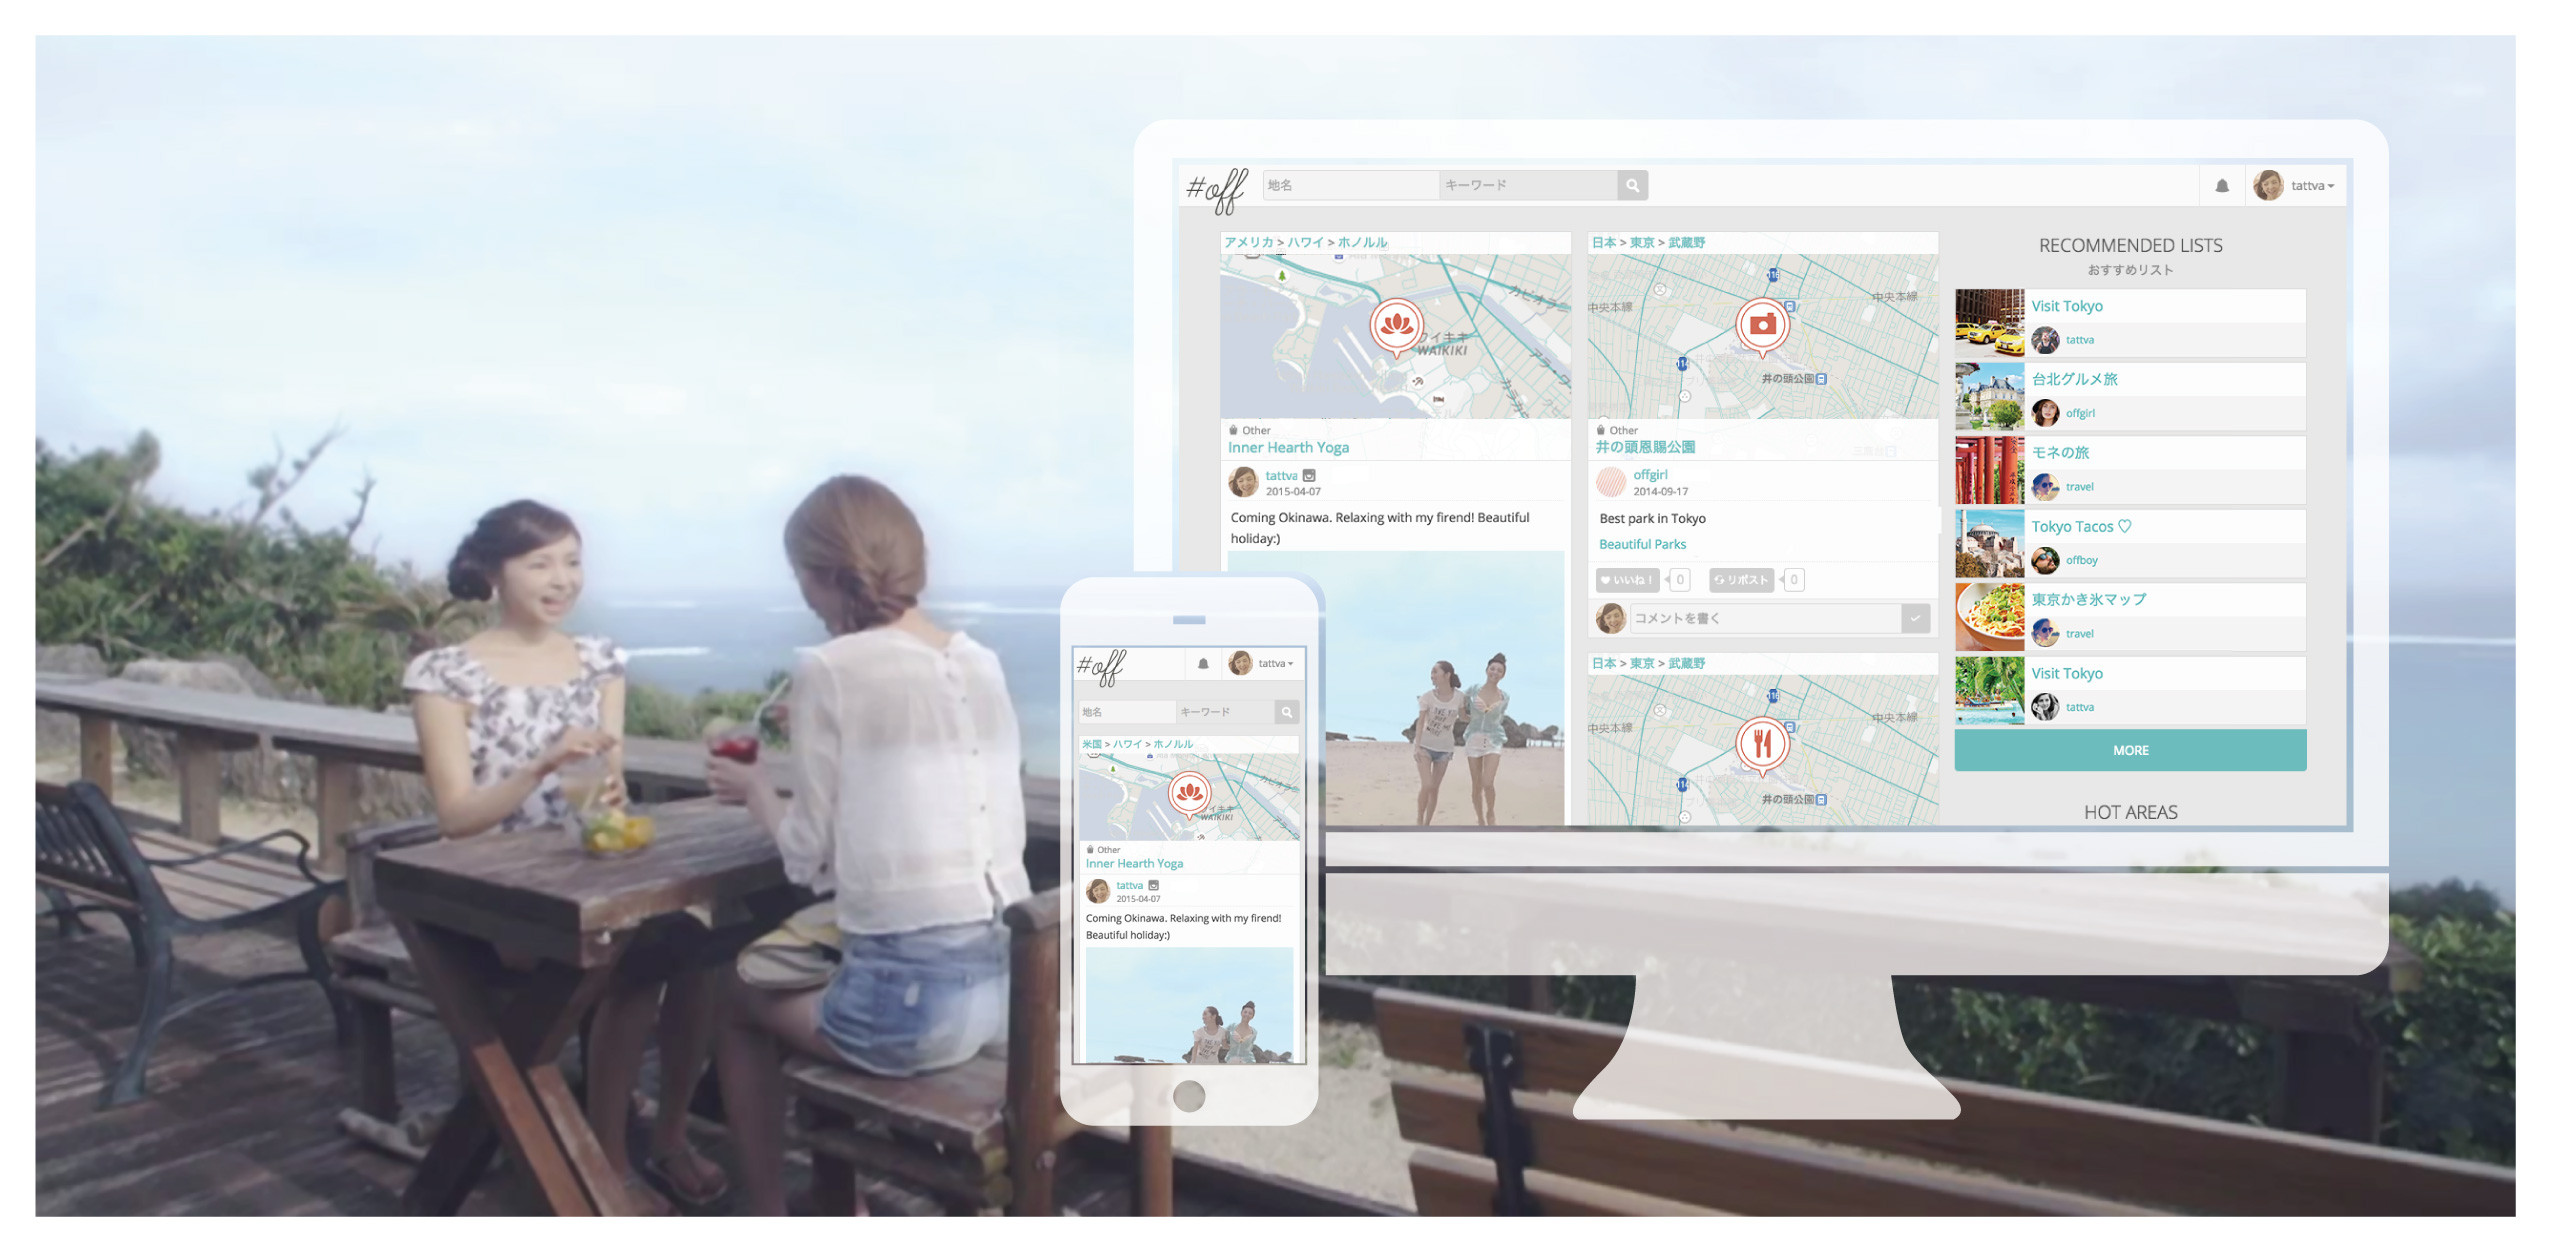 自分好みのスポットでマップがつくれる新サービス、インスタグラムとの連携でSNS投稿を自動追加や共有も